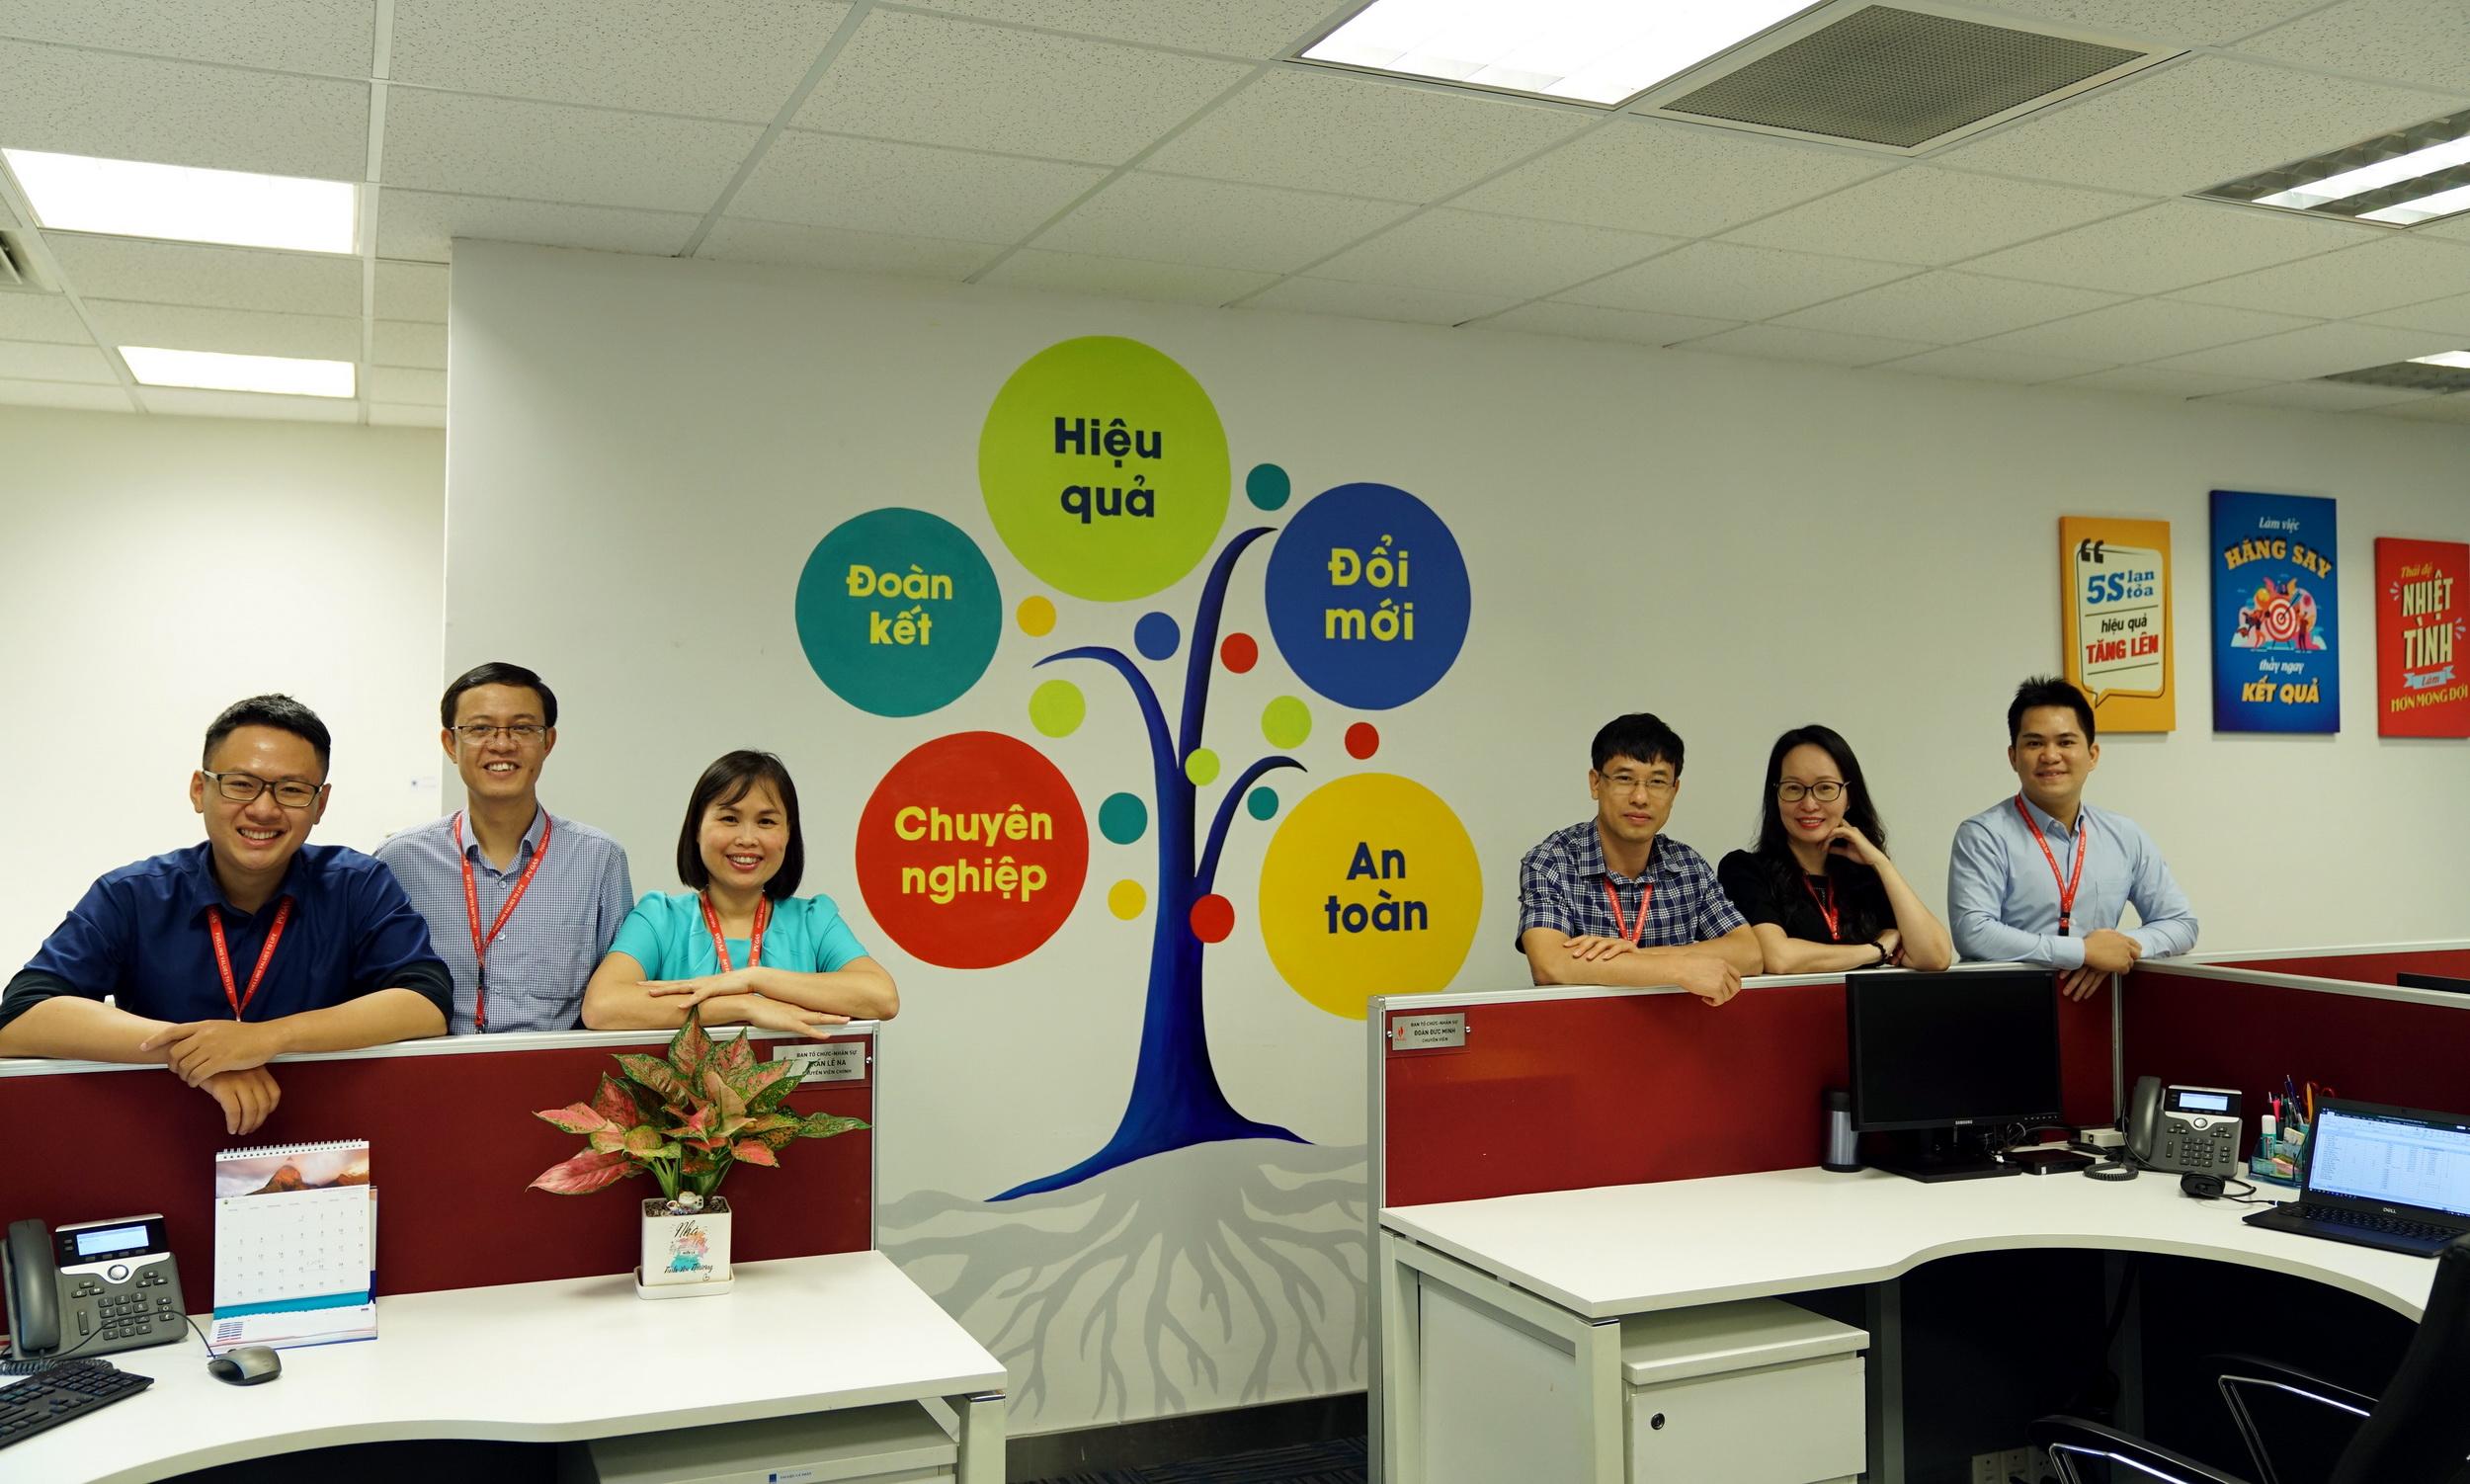 Một góc đổi mới mang tinh thần đoàn kết và tuyên truyền Văn hóa PV GAS